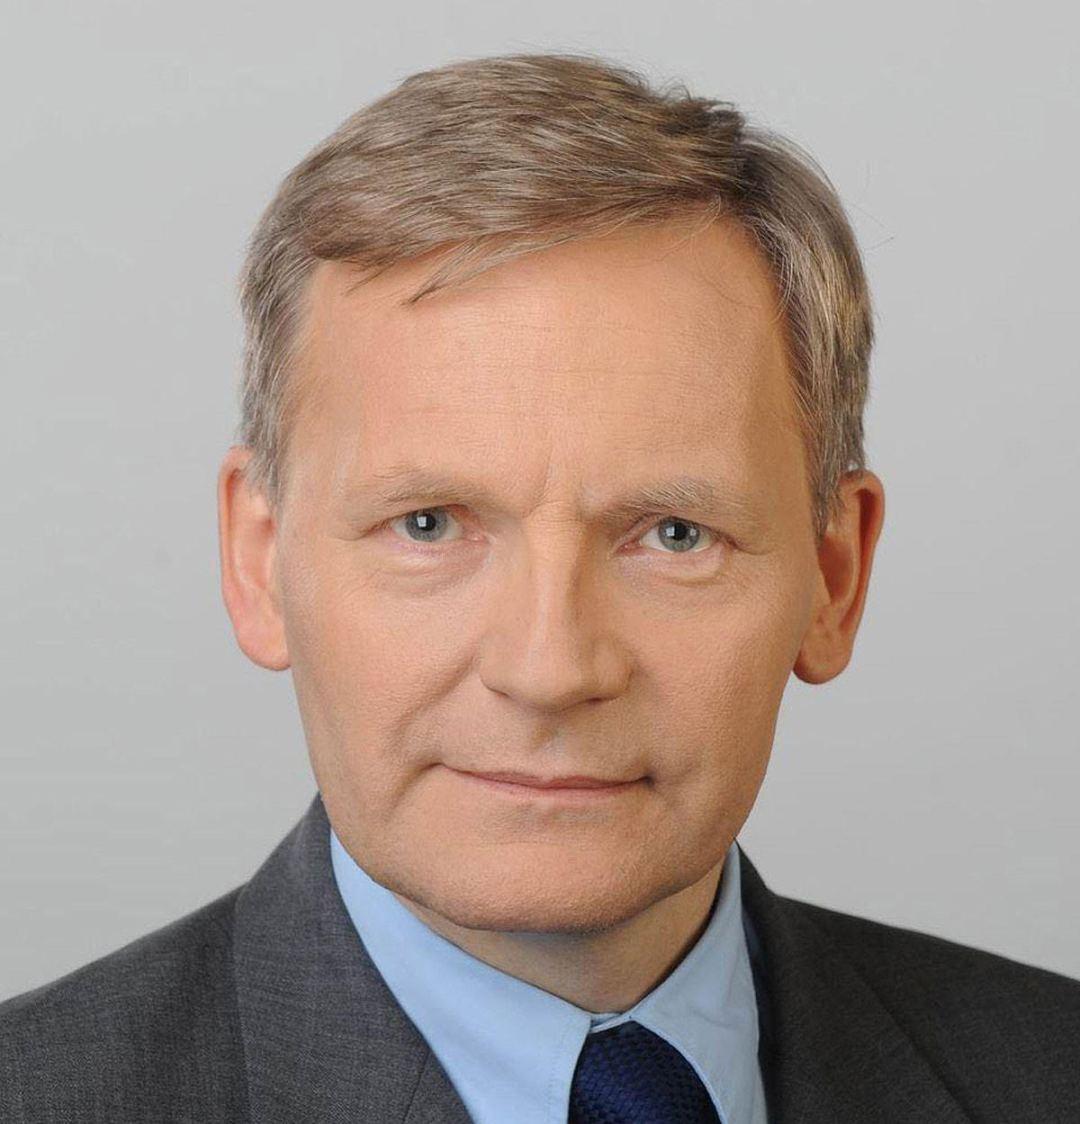 Marcin Gugulski